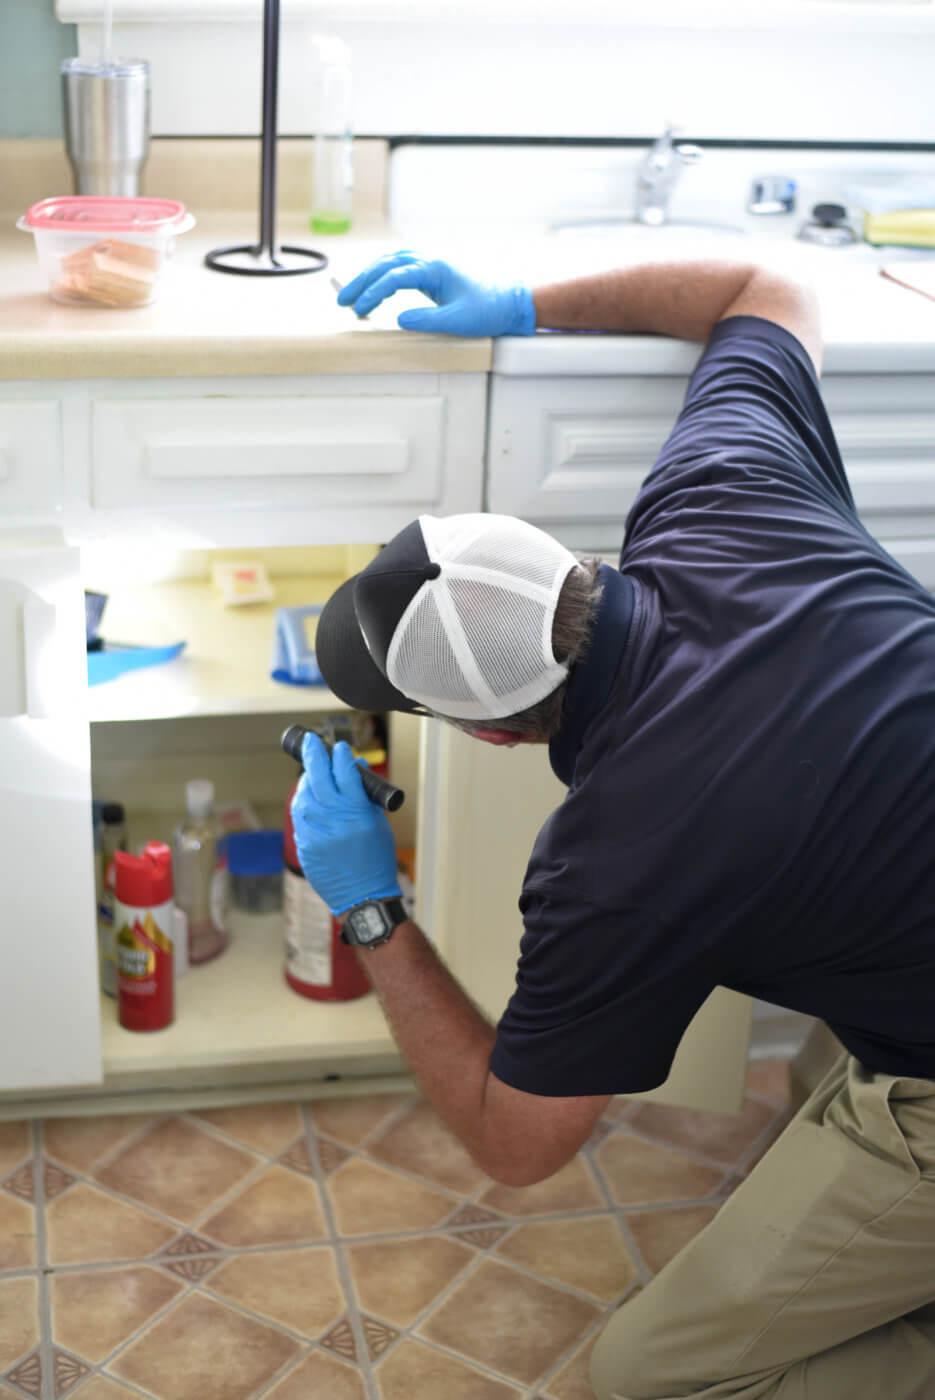 Carrollton pest control worker